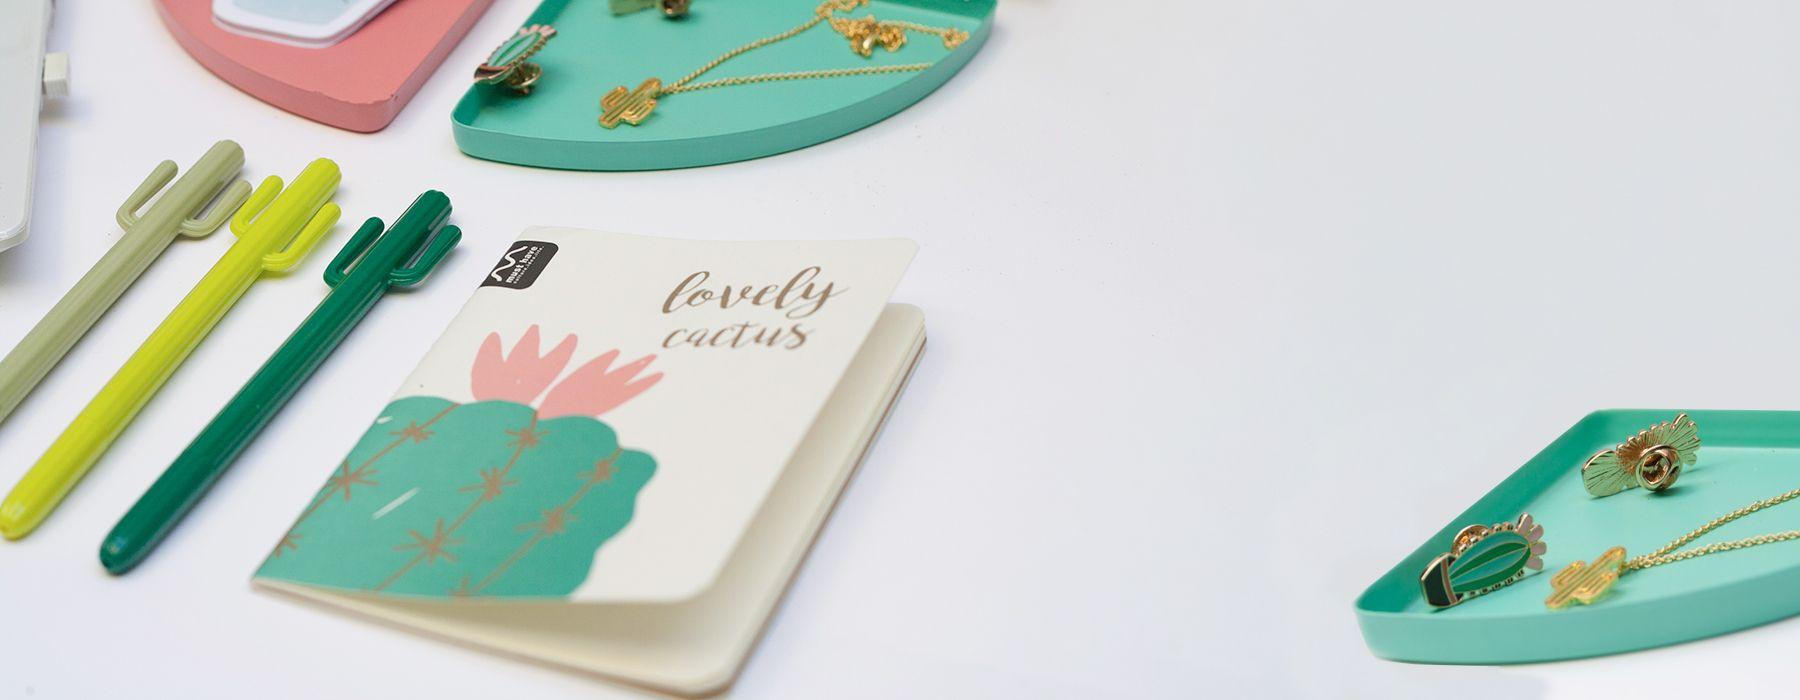 Kit de regalo cactus